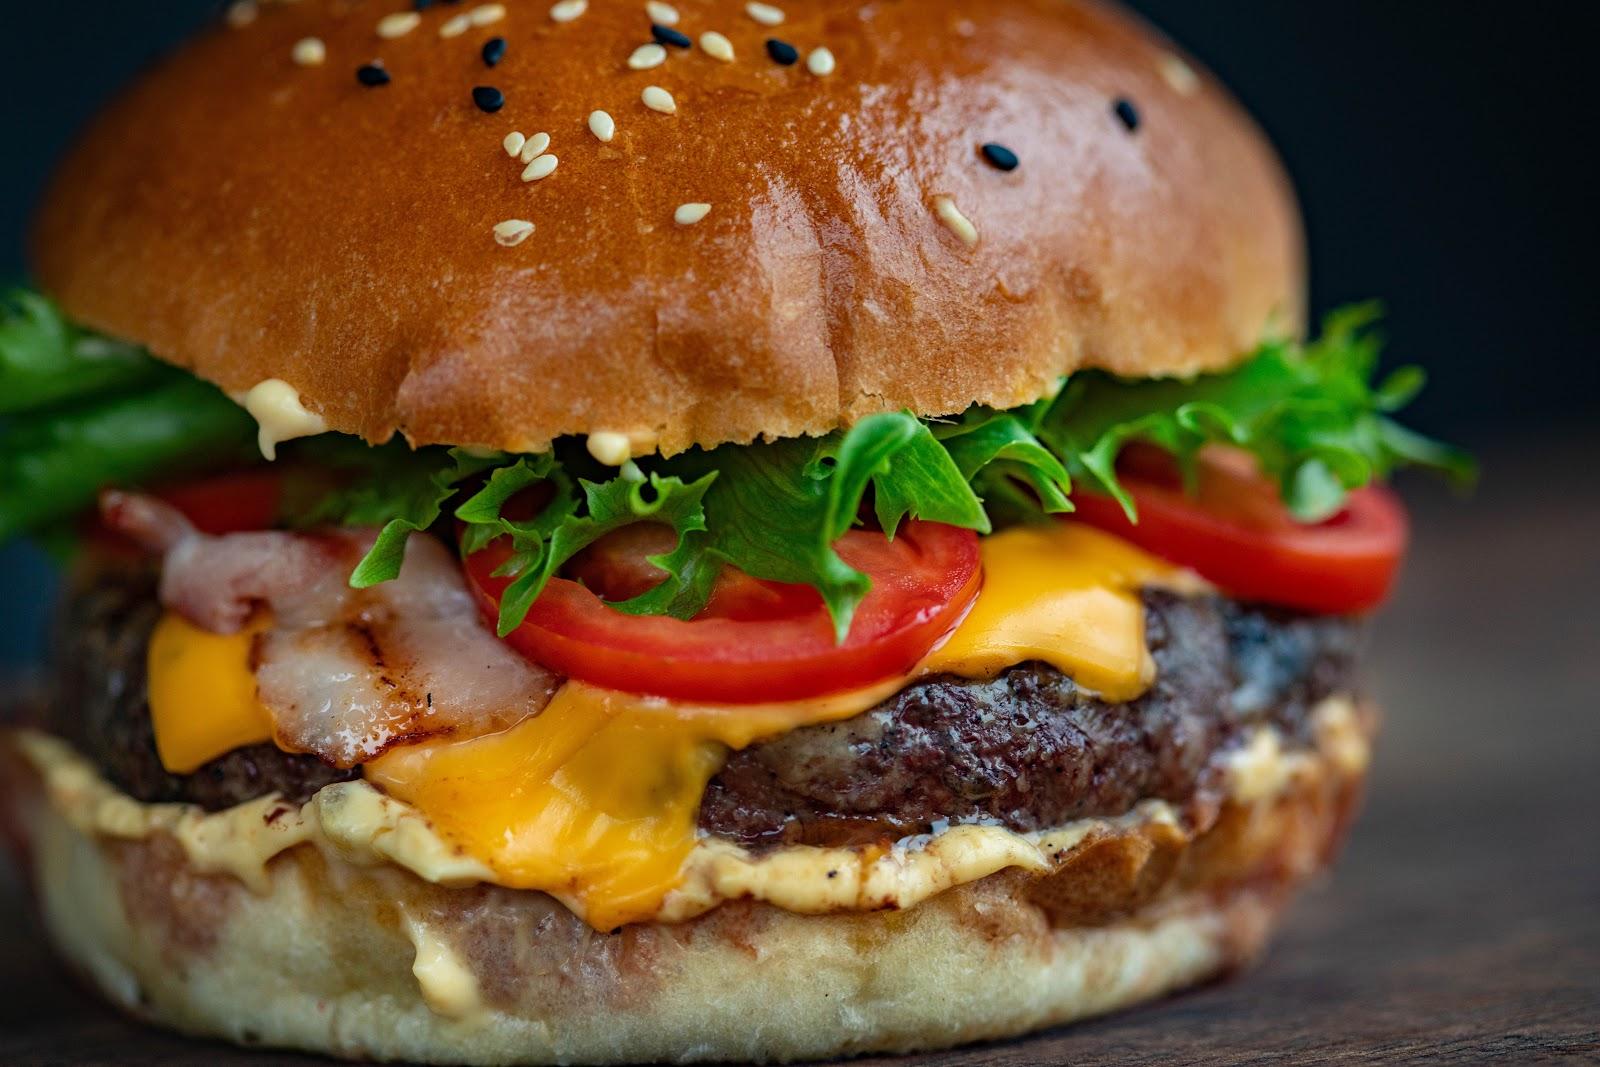 レタスとトマトとチーズが挟まったハンバーガー